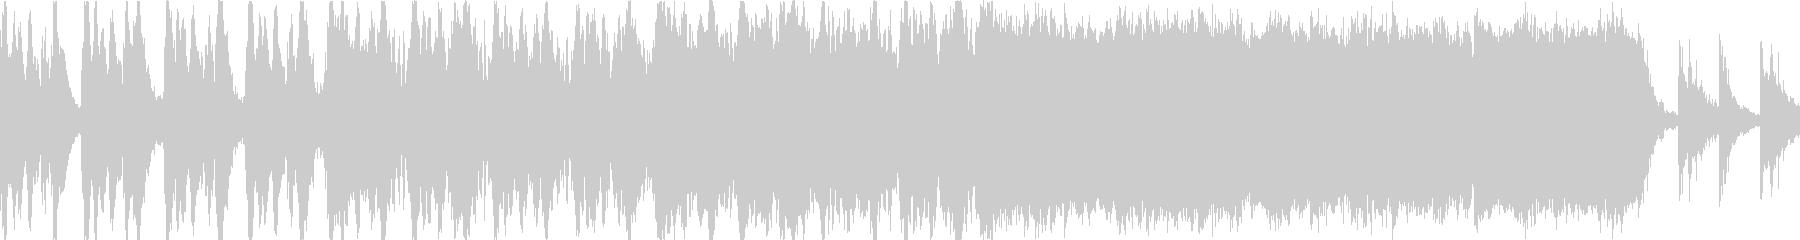 ハリウッド系トレーラーのBGMの未再生の波形